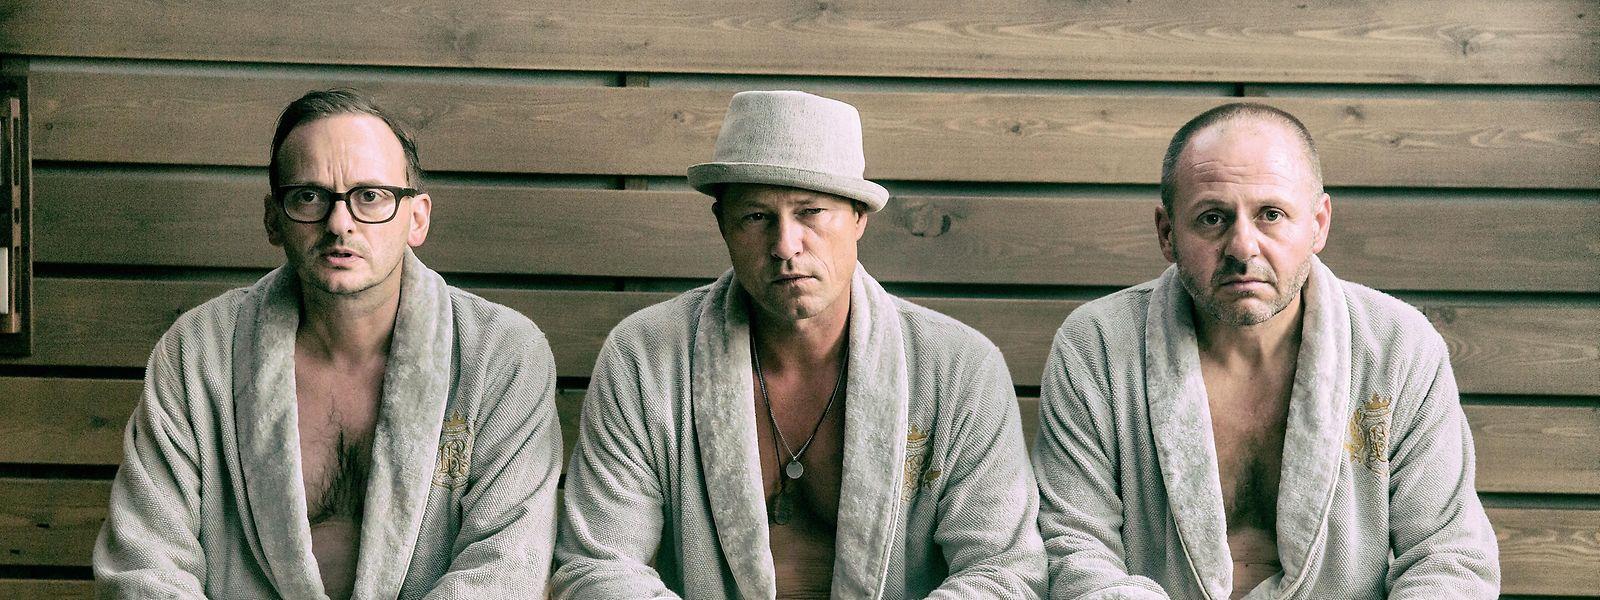 Kämpfen mit dem Älterwerden: Andreas (Milan Peschel), Thomas (Til Schweiger) und Nils (Samuel Finzi) (v.l.n.r.).